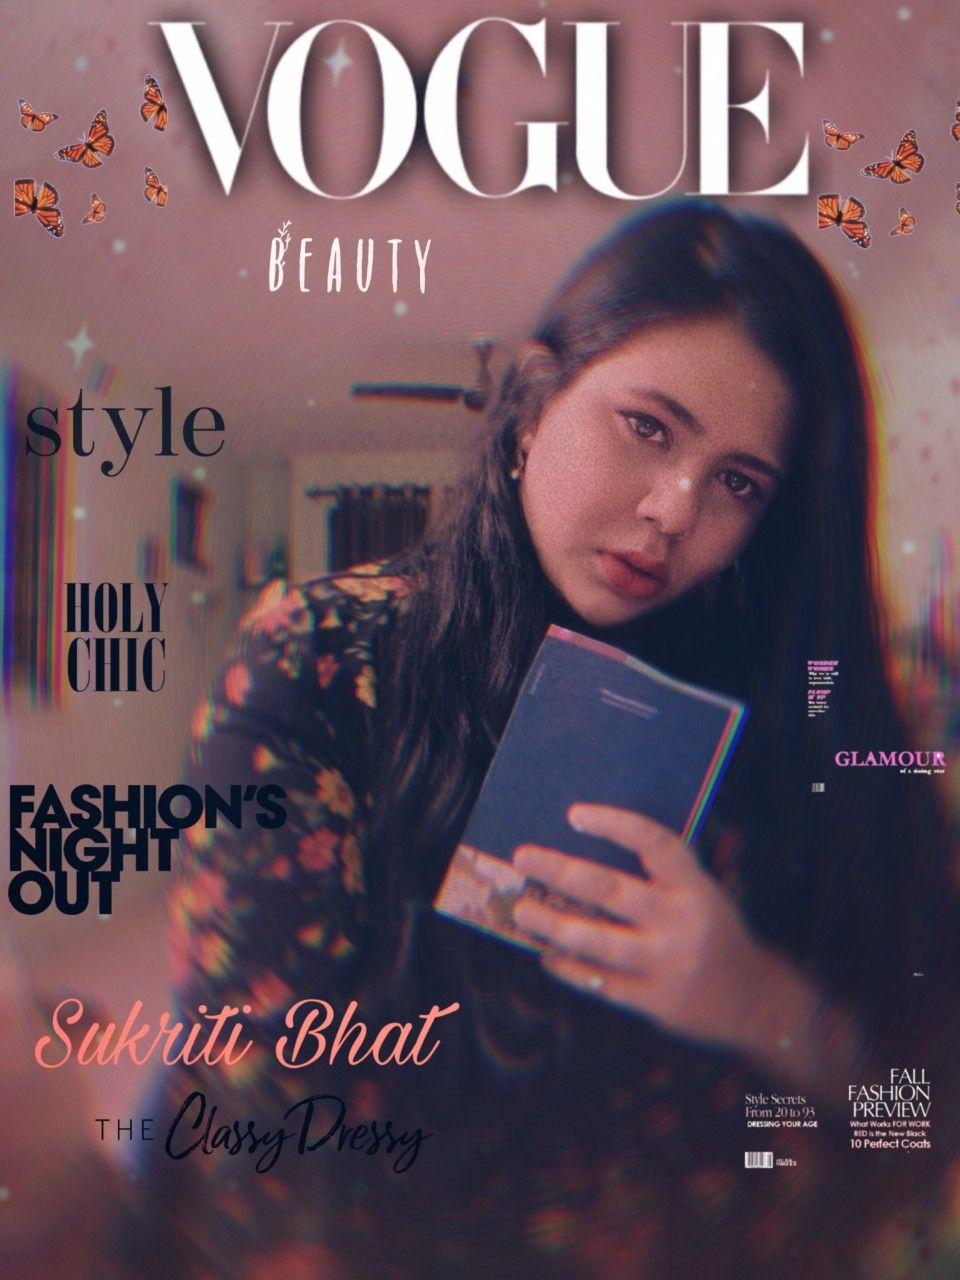 Vogue Challenge Vogue Beauty Glamour Fashion Stylish Fashion